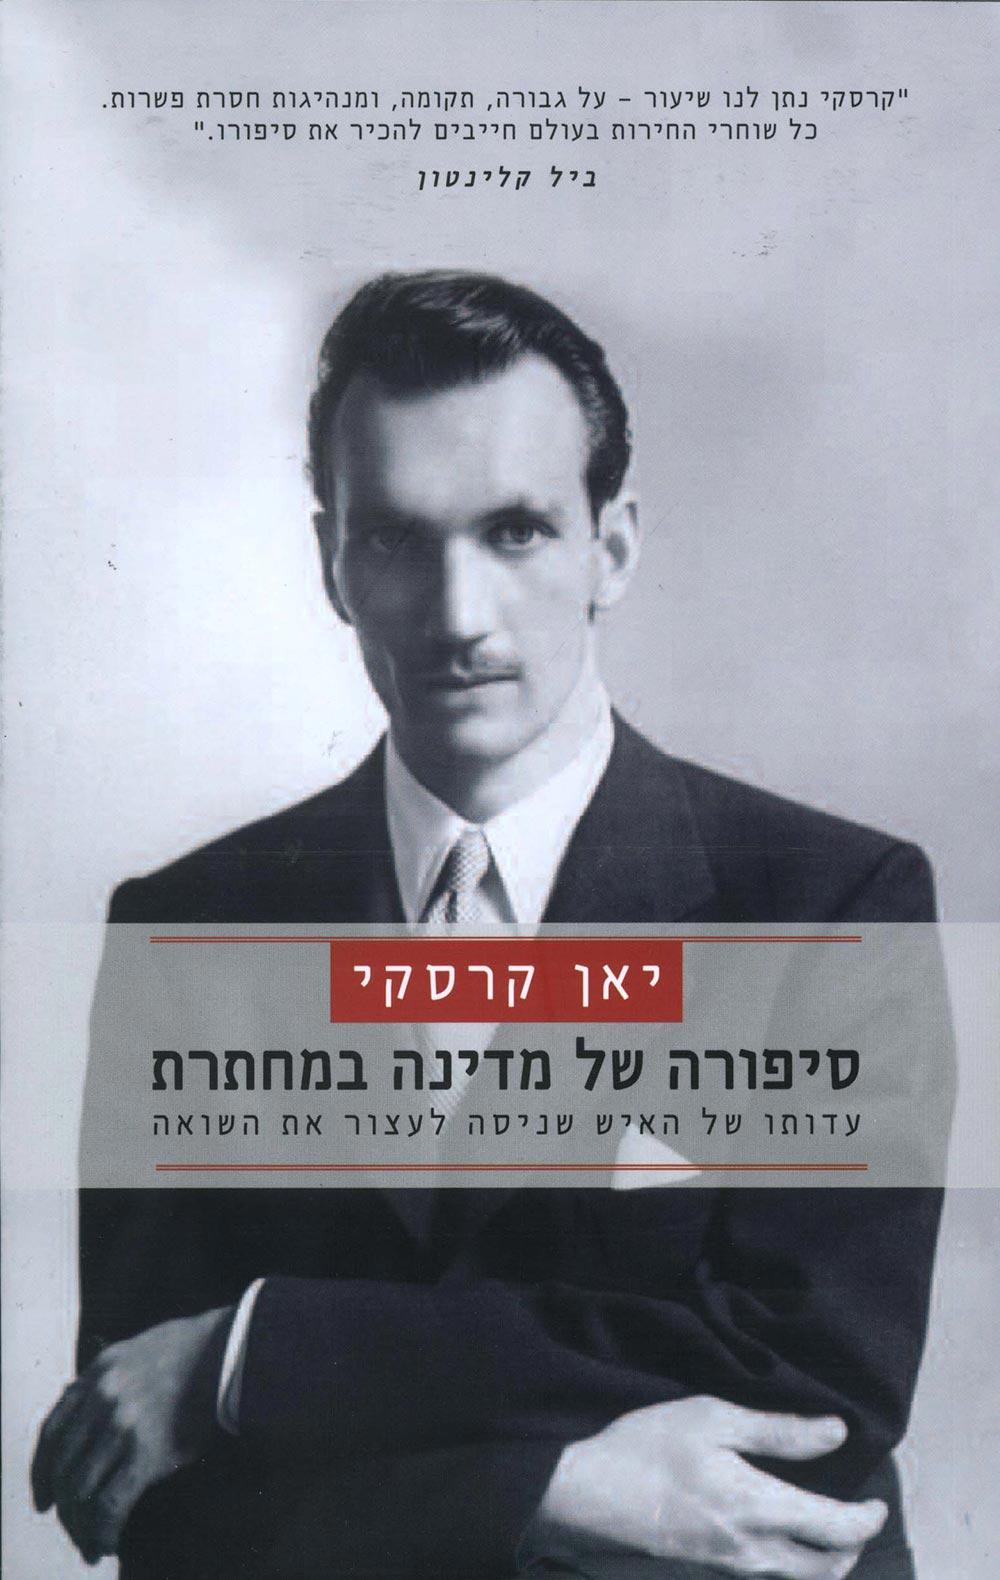 סיפורה של מדינה במחתרת - עדותו של האיש שניסה לעצור את השואה - יאן קרסקי